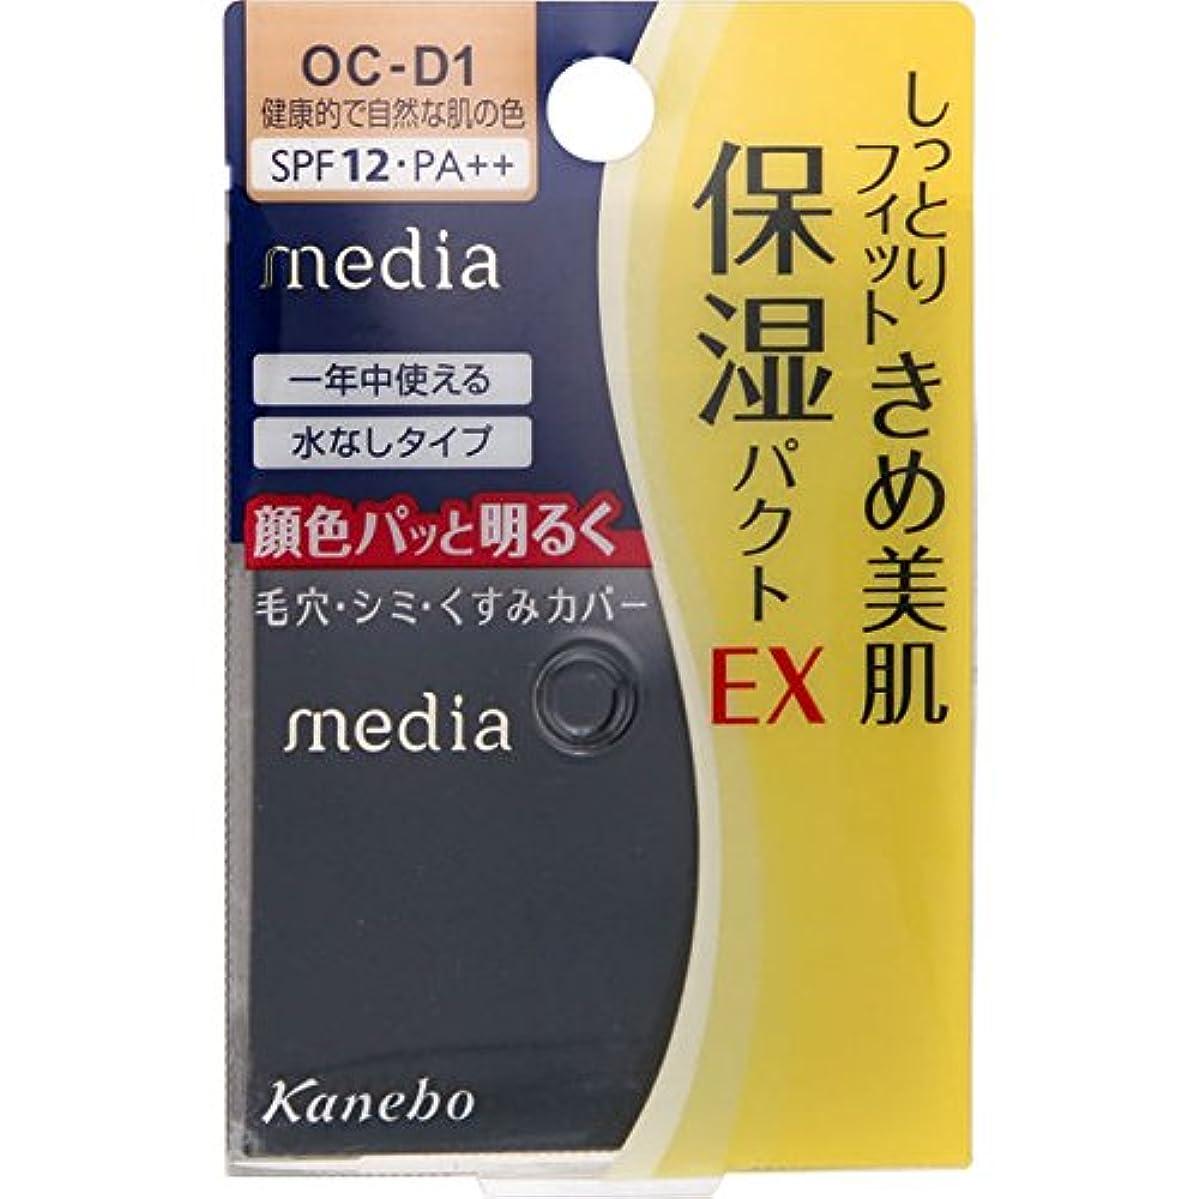 ドレス人期待カネボウ メディア モイストフィットパクトEX OC-D1(11g)